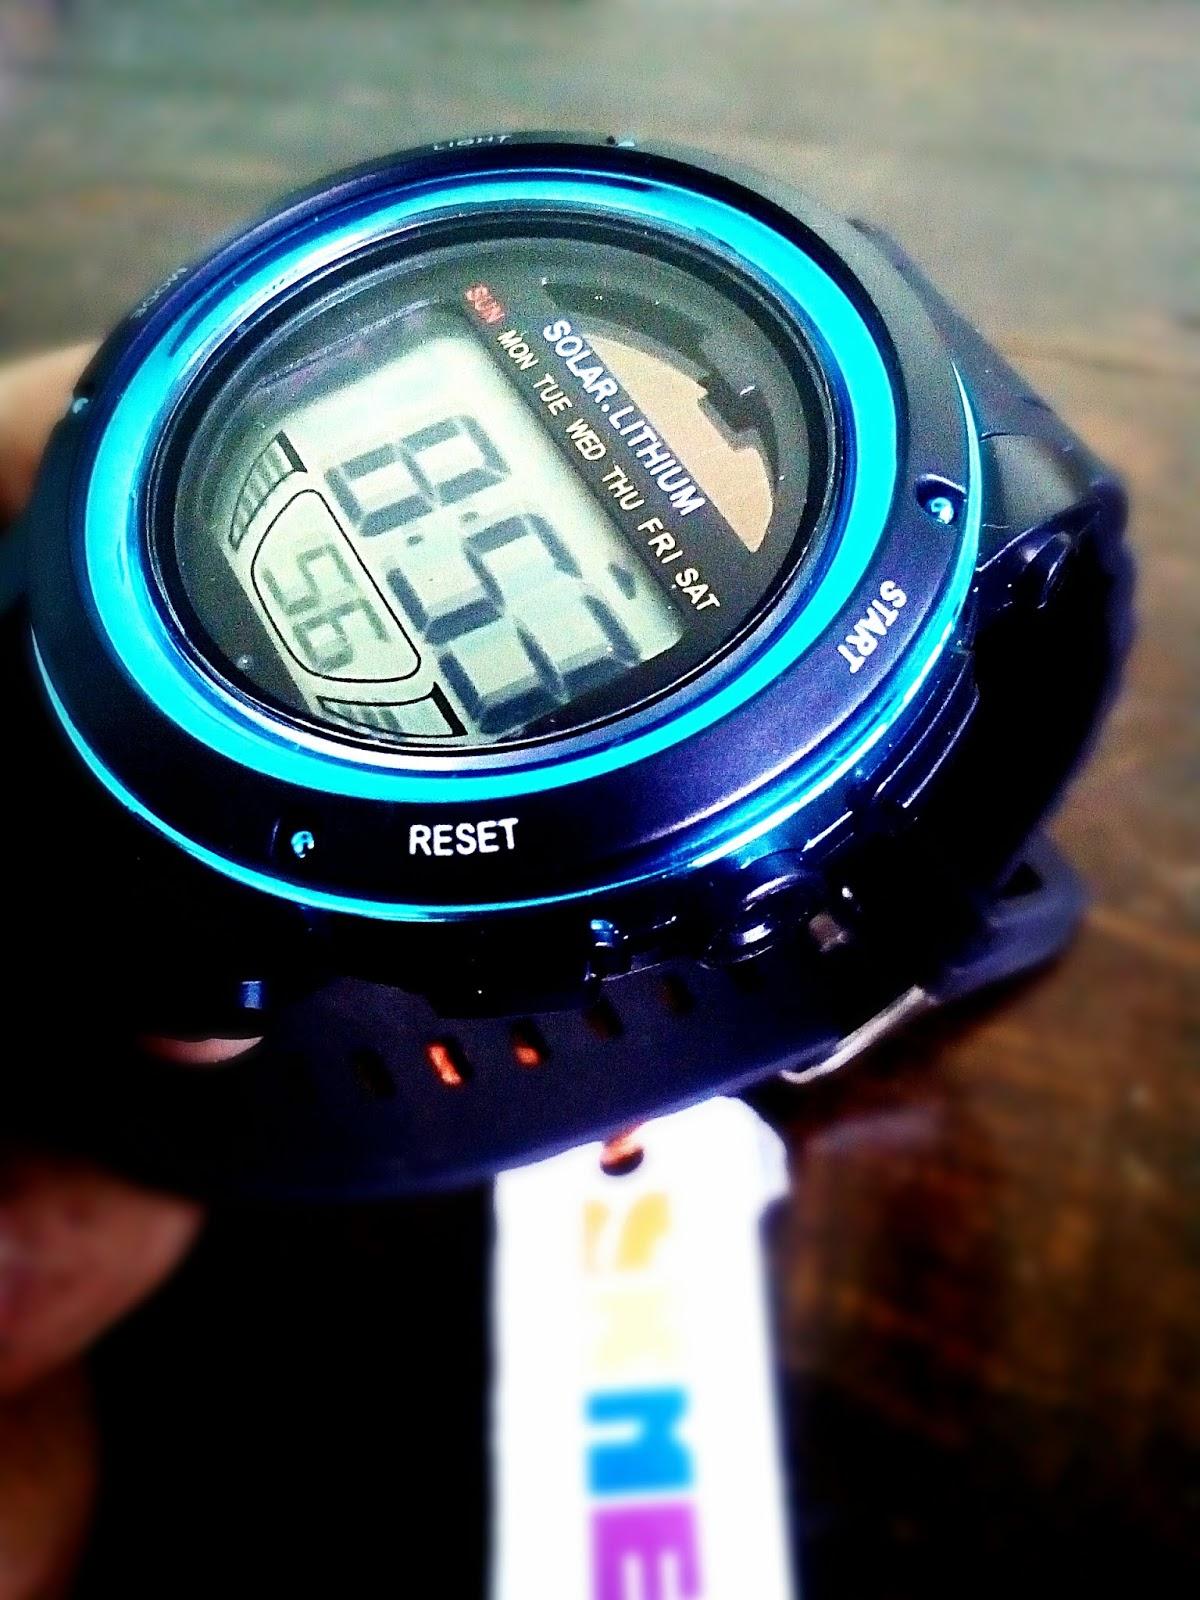 Jam Tangan Digital SKMEI Solar Lithium Jam tangan tenaga surya ini memiliki  solar panel untuk mengisi baterai jam. Jam tangan dilengkapi dengan fitur  ... df69046add